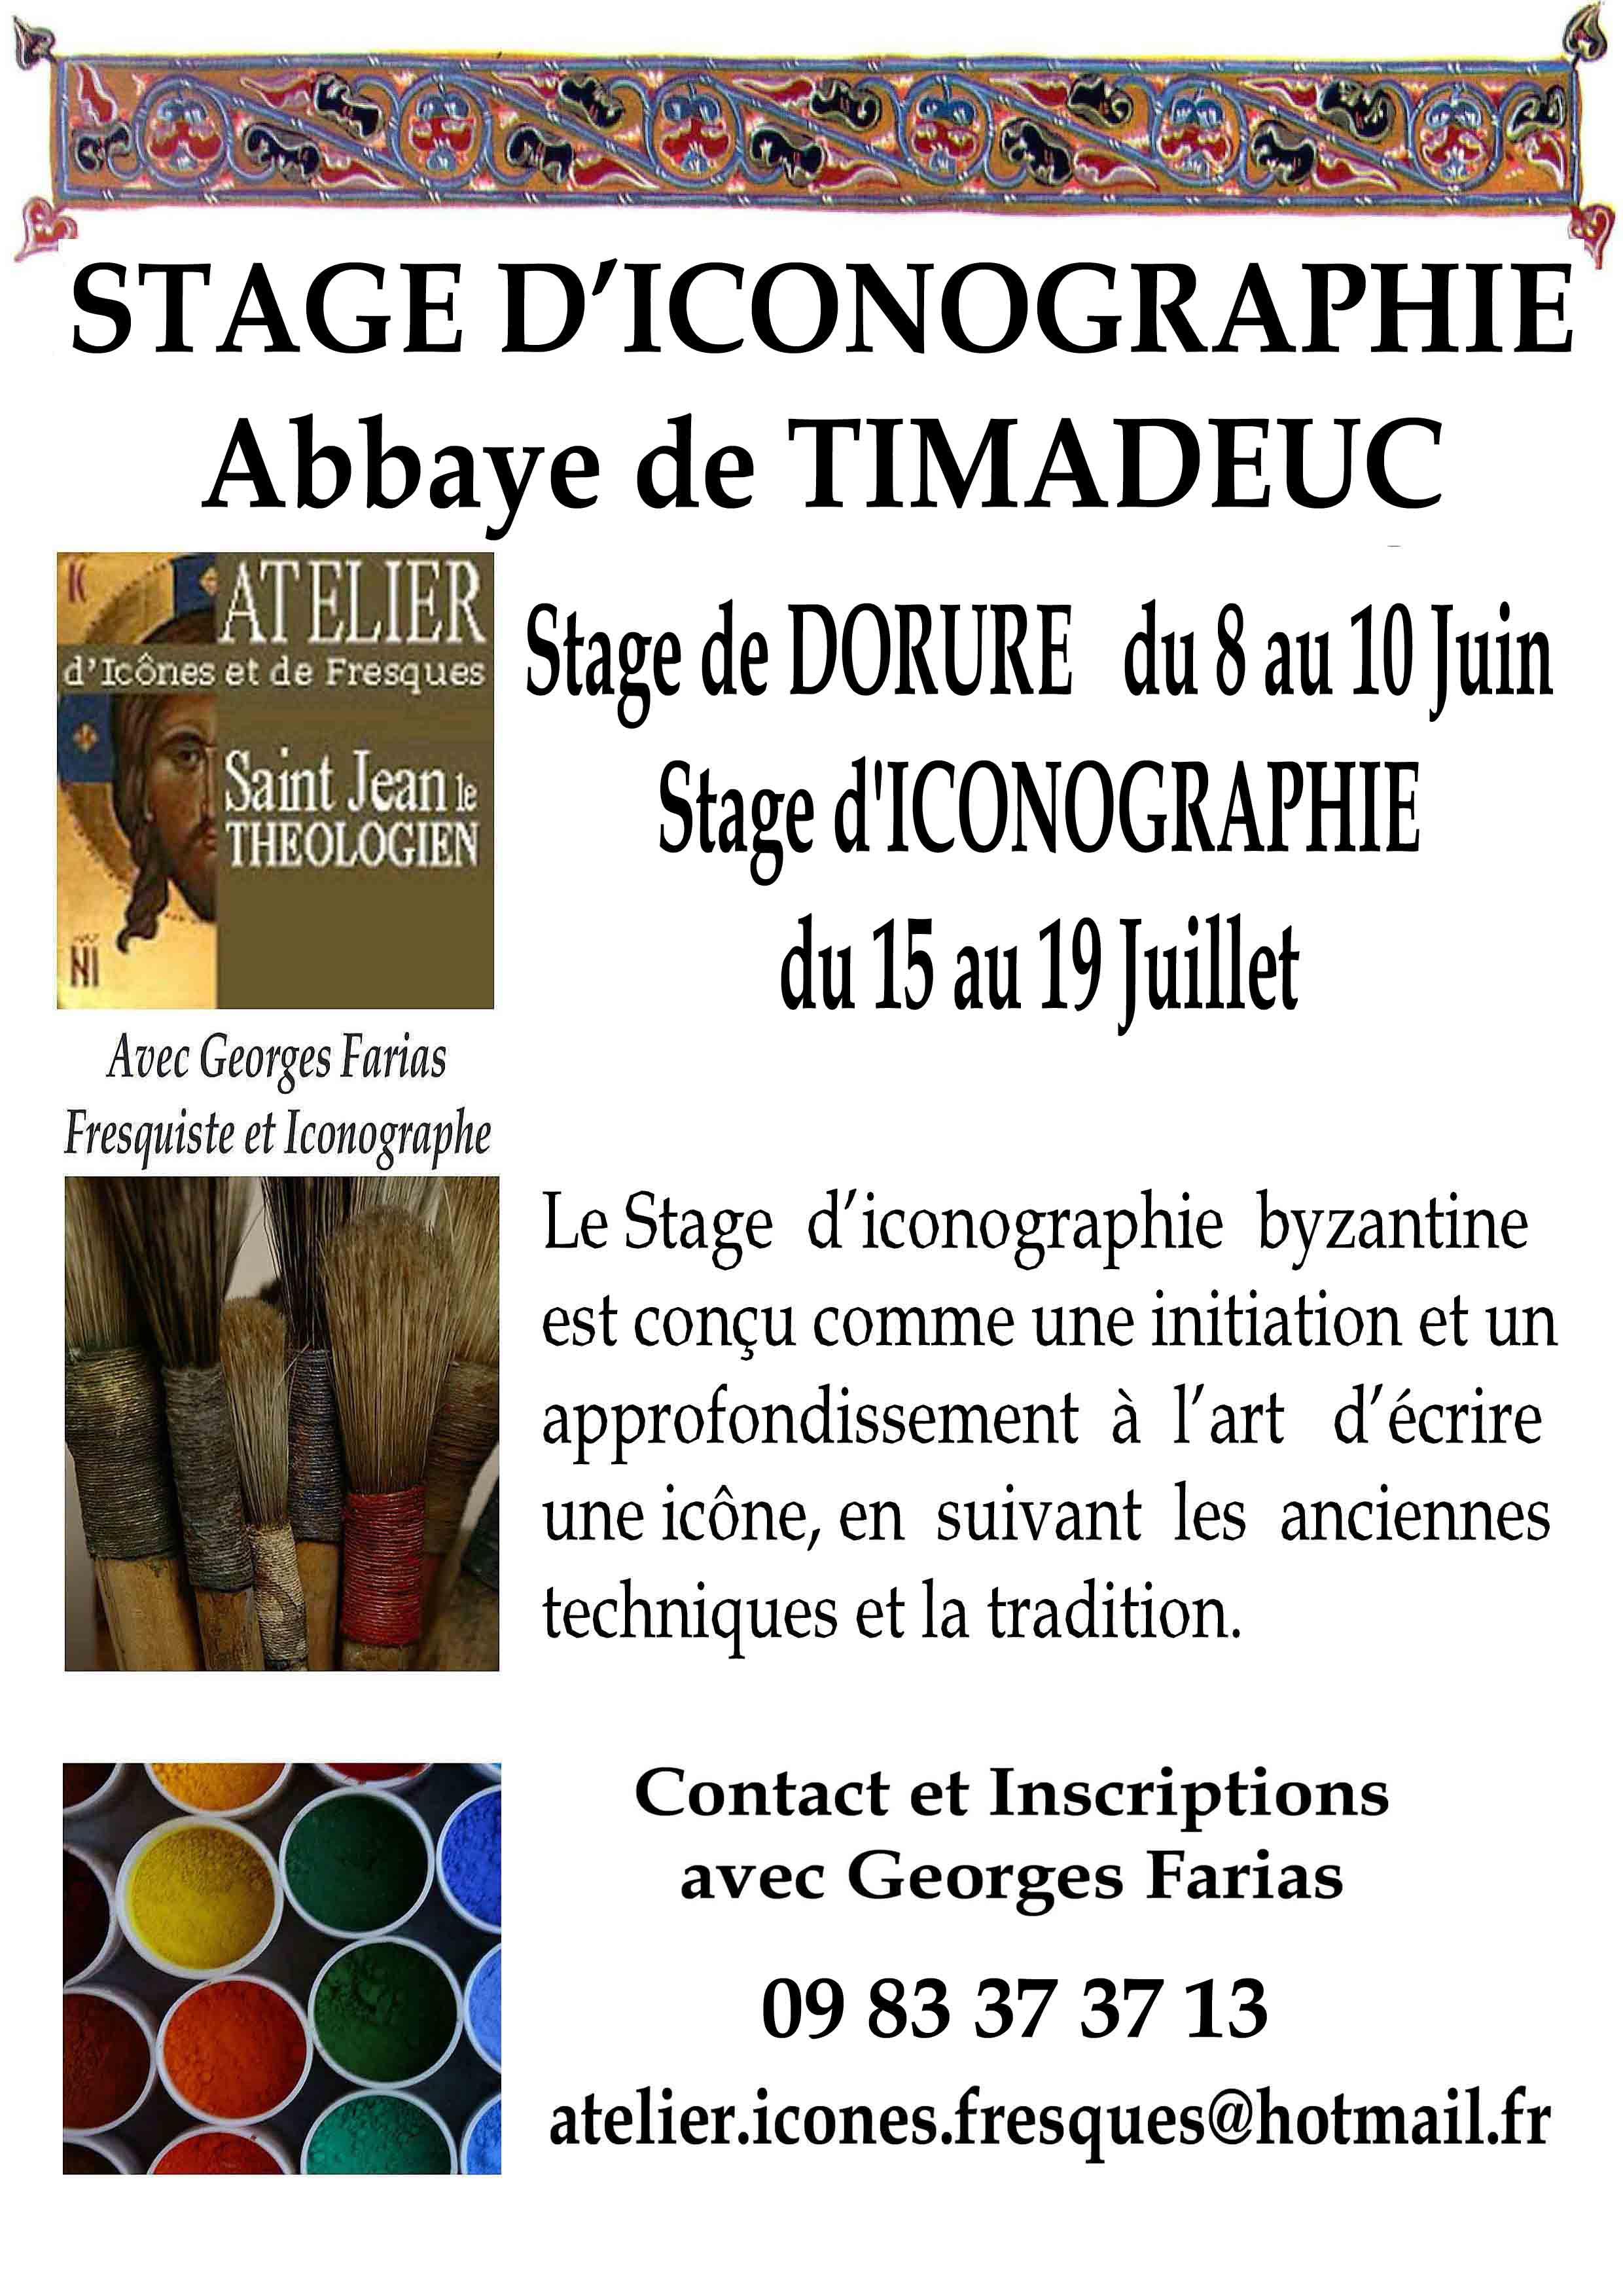 Stage d'Iconographie (du 15 au 19 juillet 2019) et Dorure (du 8 au 10 juin 2019) à L'Abbaye de Timadeuc (56)